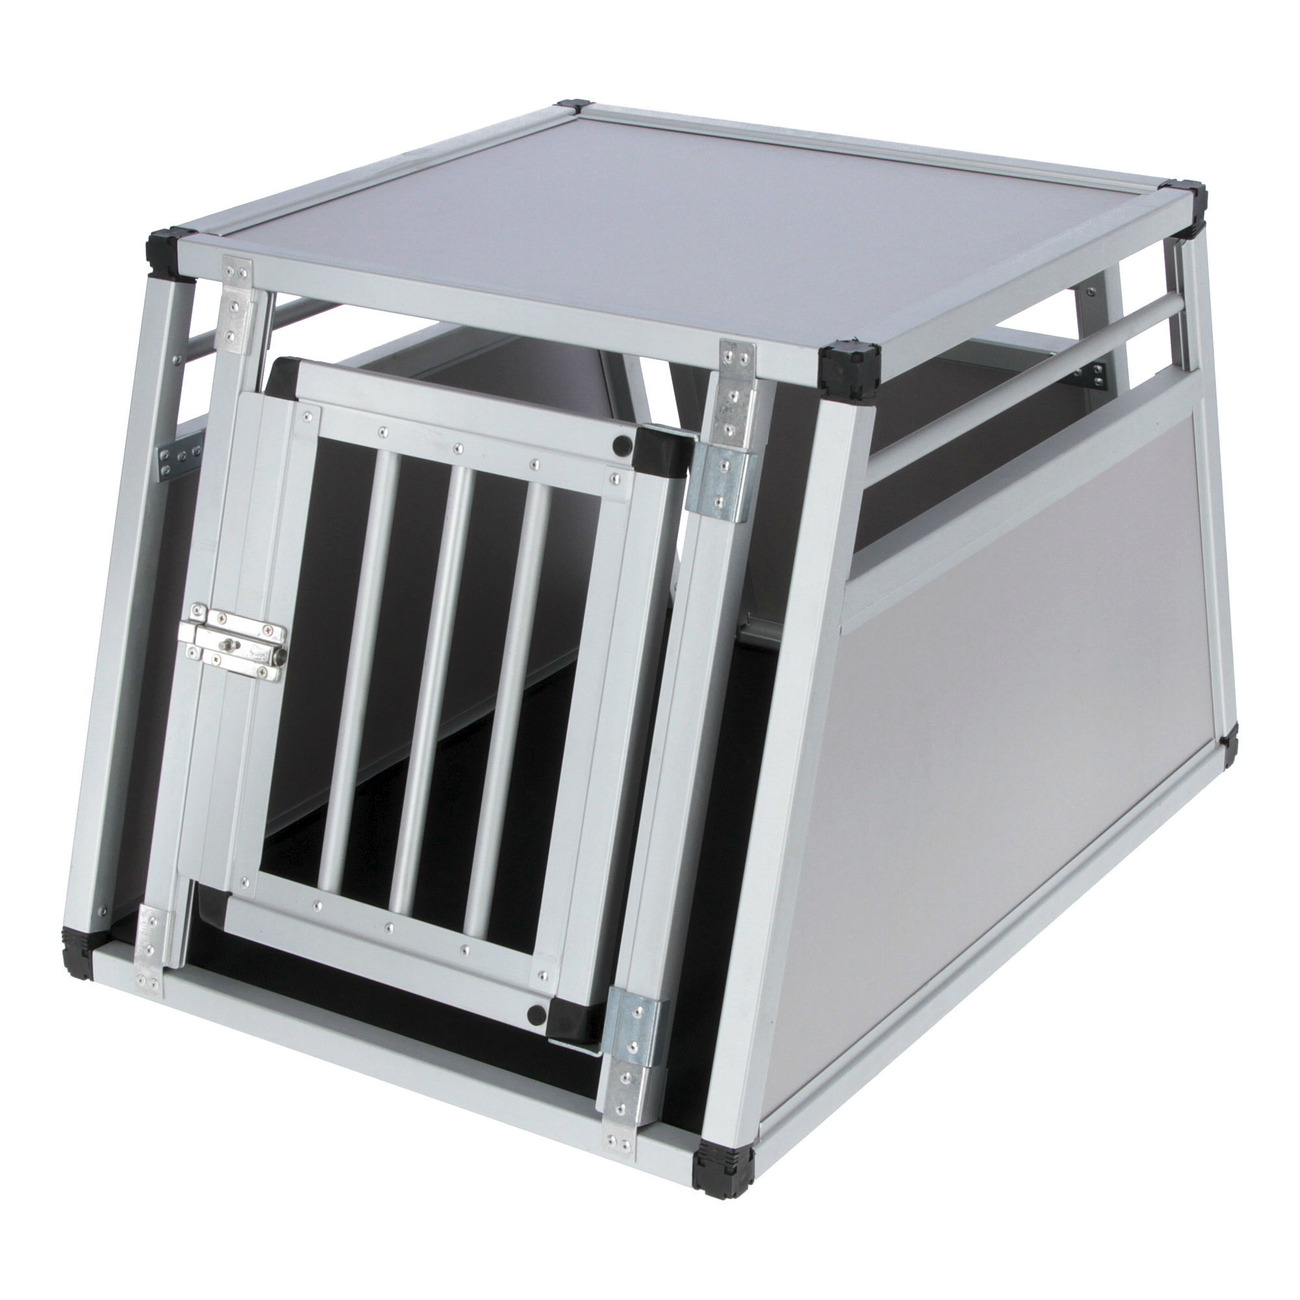 Kerbl Alu-Hunde Transportbox Barry eintürig Preview Image